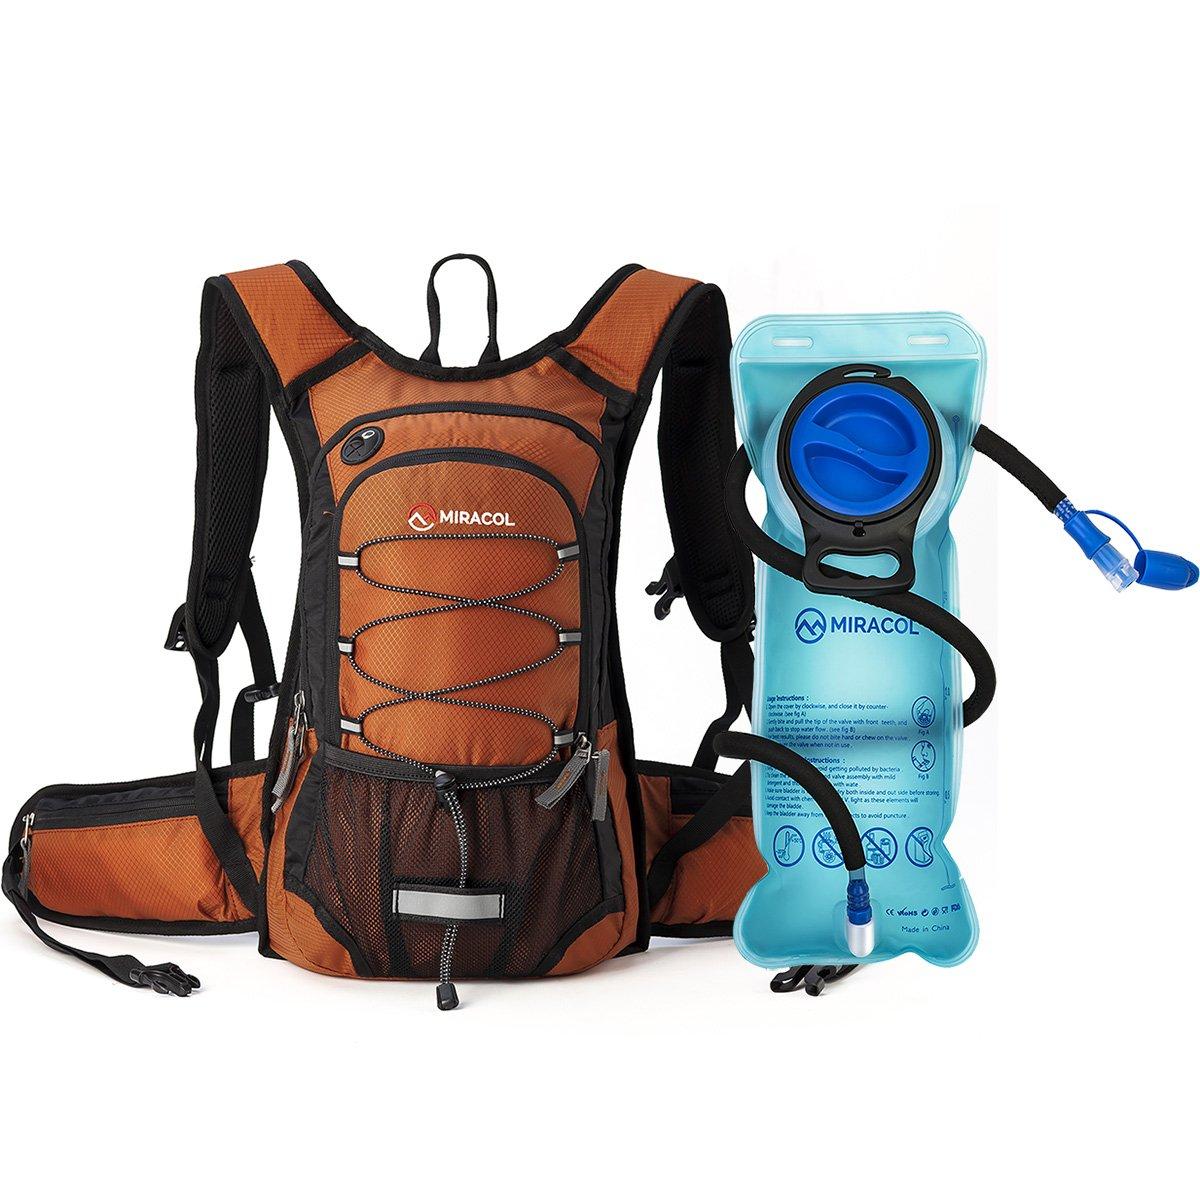 Miracol Mochila de hidratación con bolsa de agua de 2 litros - Paquete de aislamiento térmico